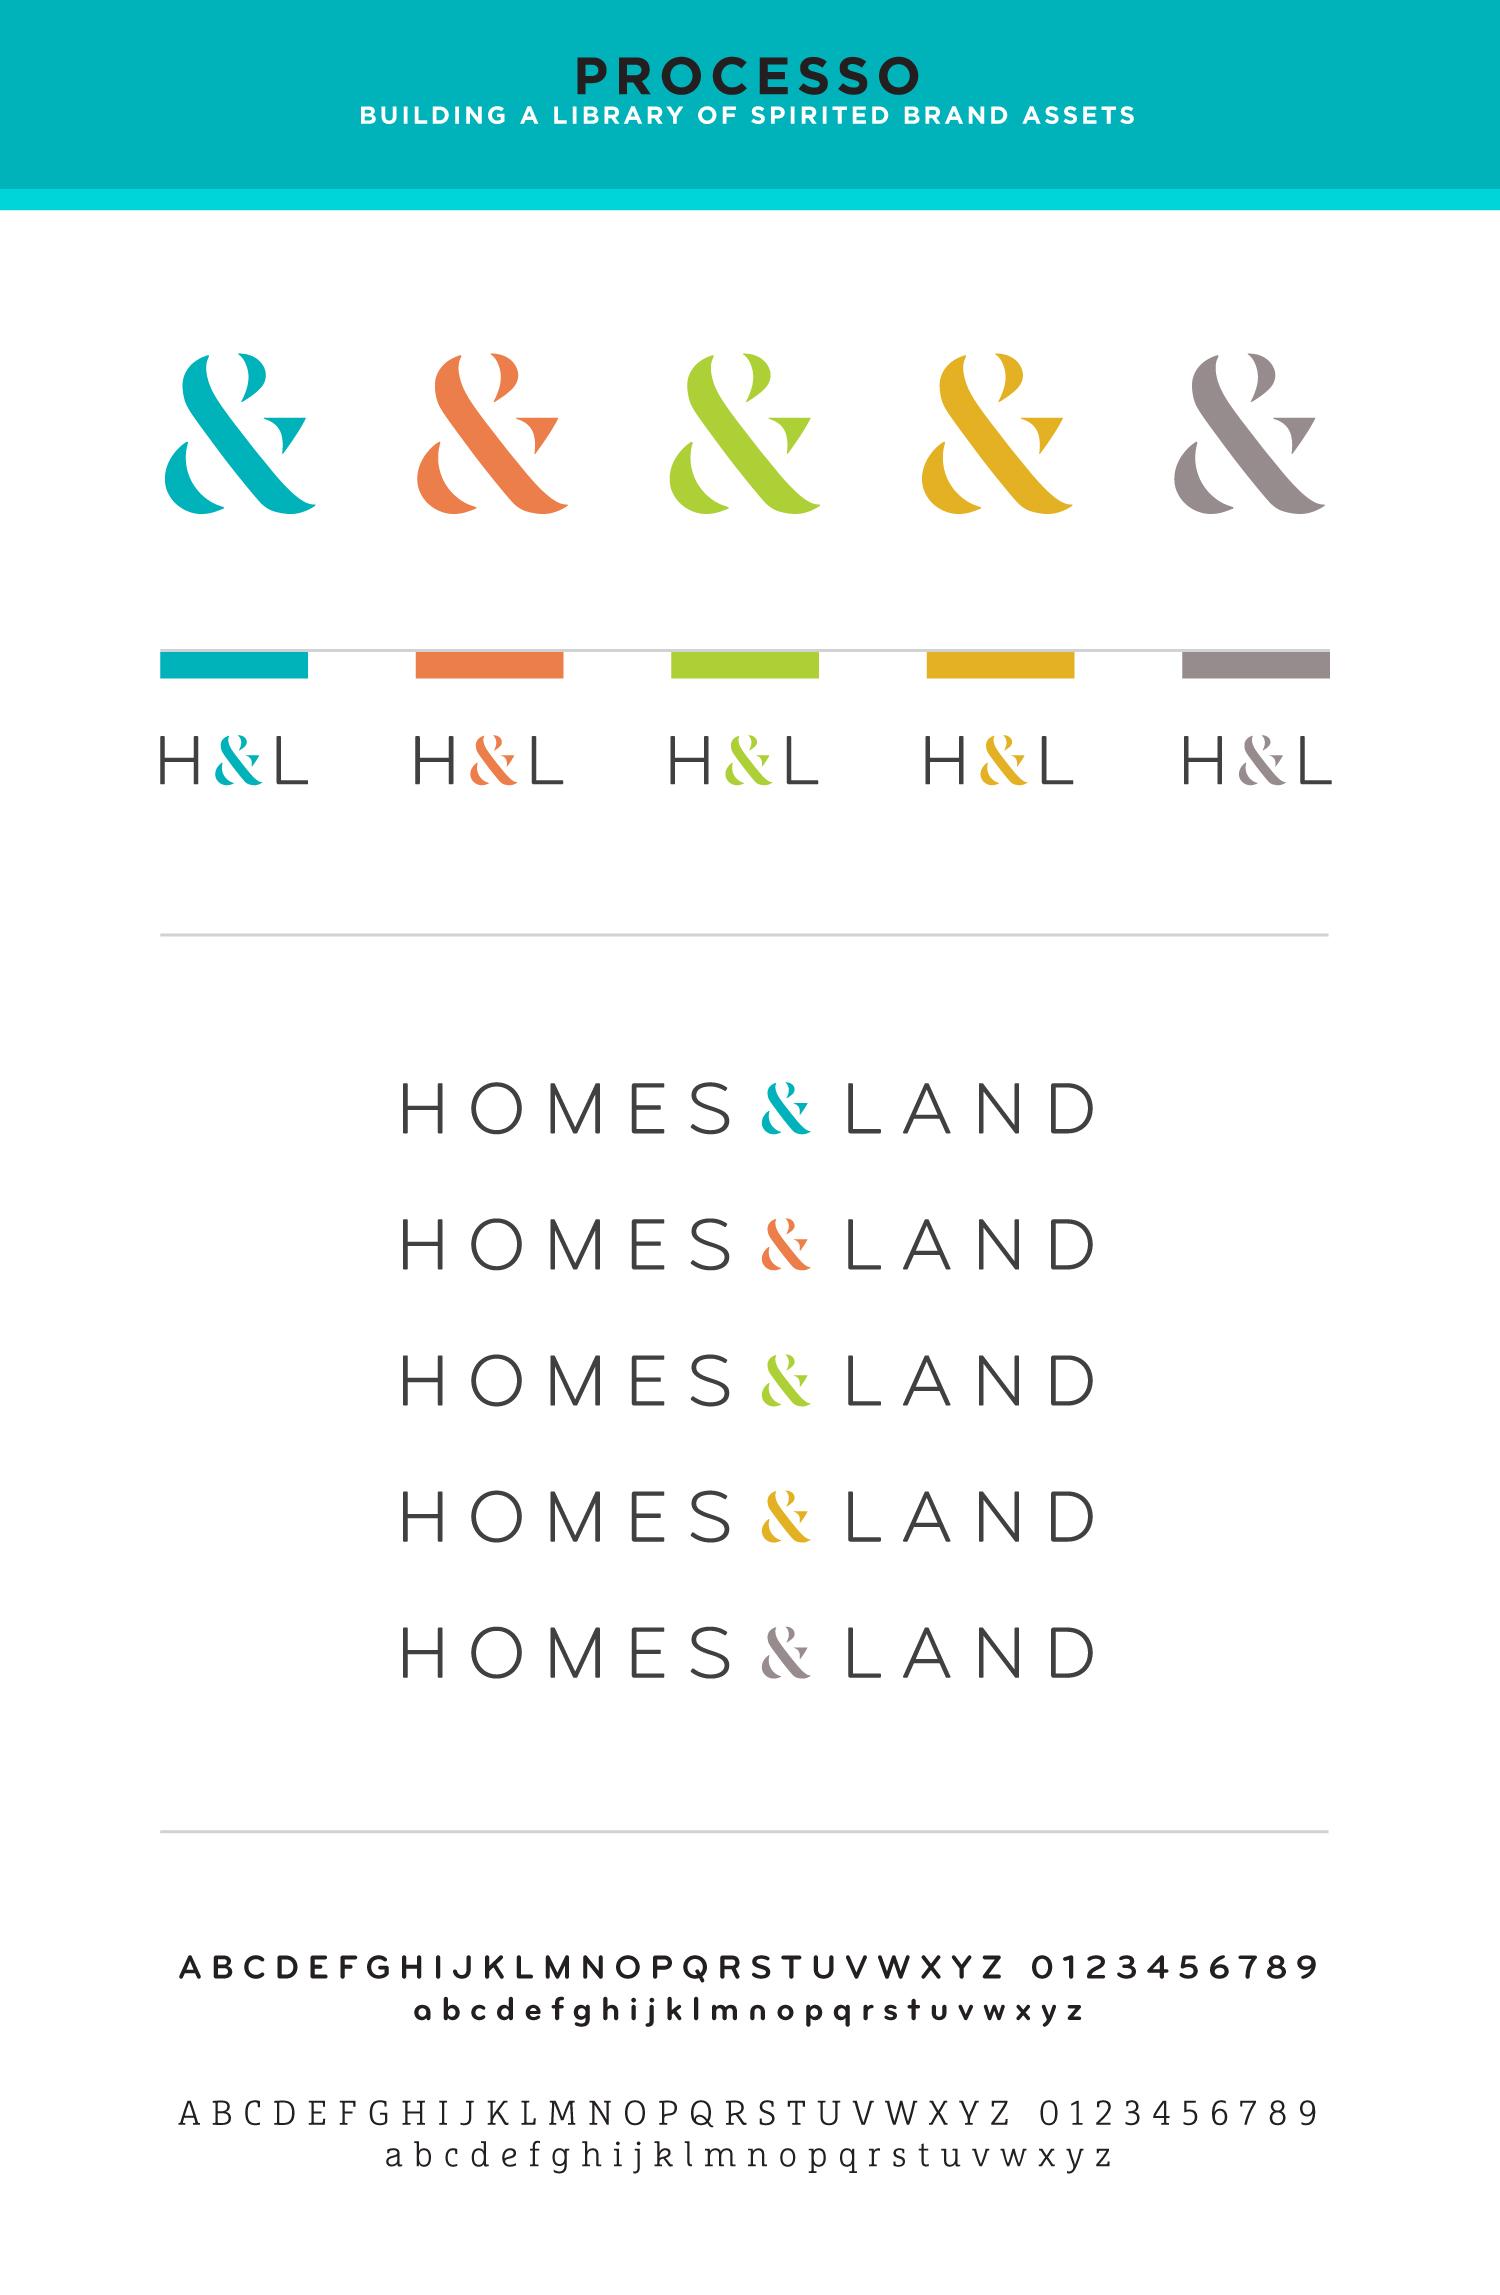 HomesLand_Processo.jpg